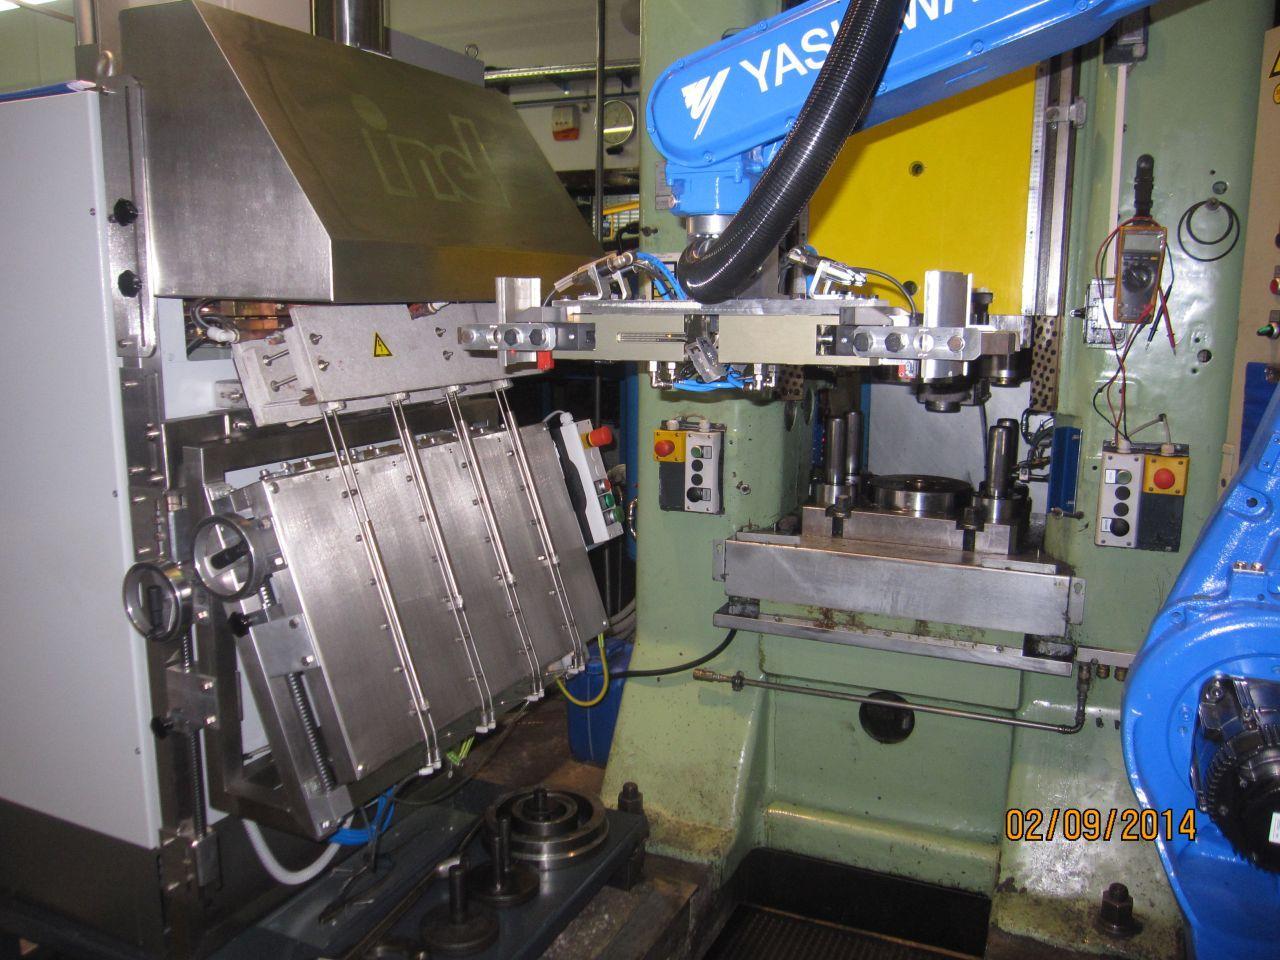 Indukcijsko taljenje kovin, induktivno površinsko kaljenje kovin inel 007